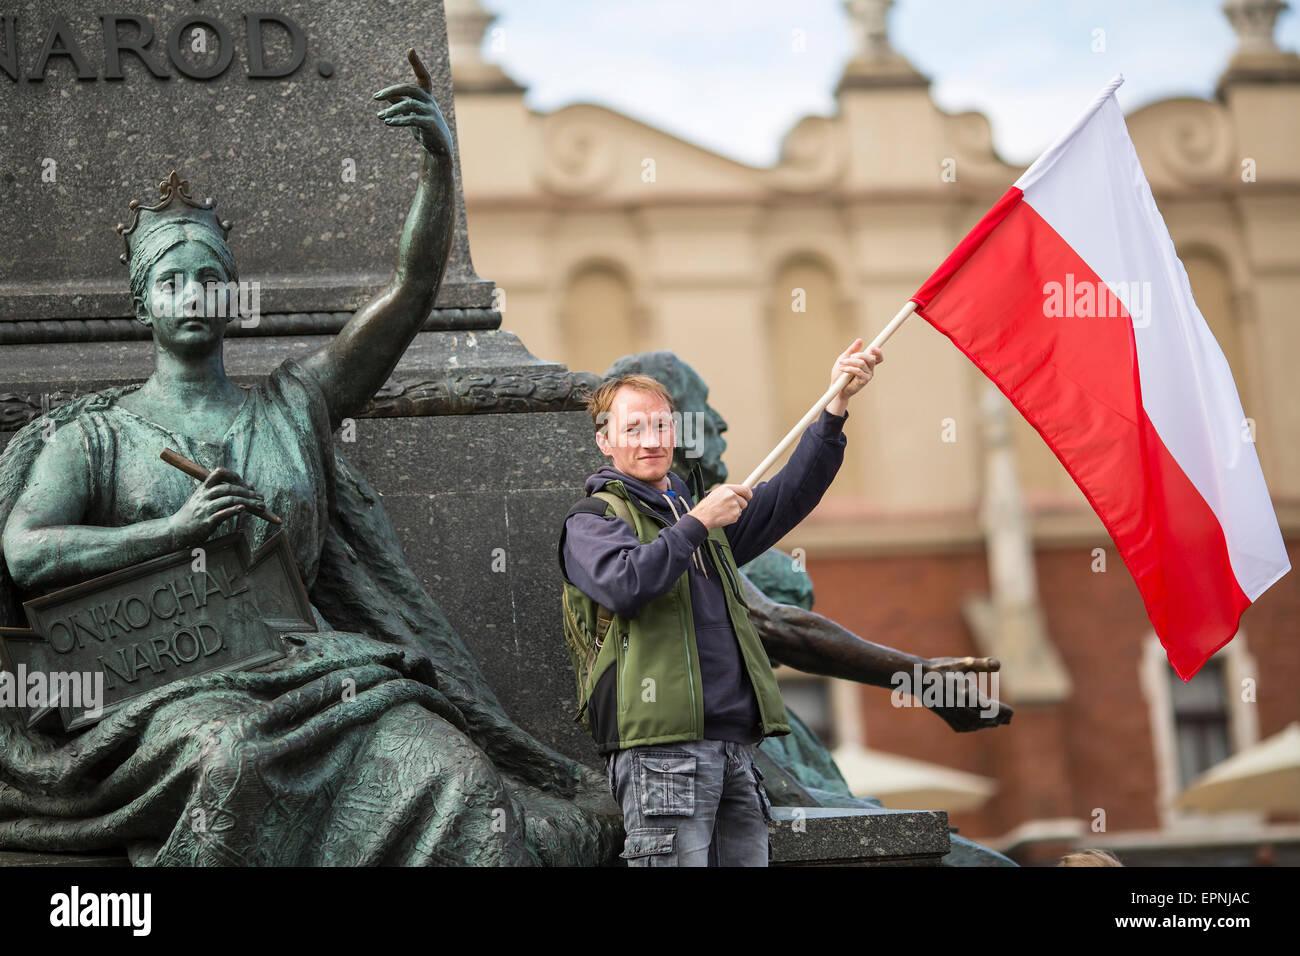 Joven con la bandera polaca cerca de Mickiewicz monumento en la plaza principal de Cracovia, Polonia. Imagen De Stock